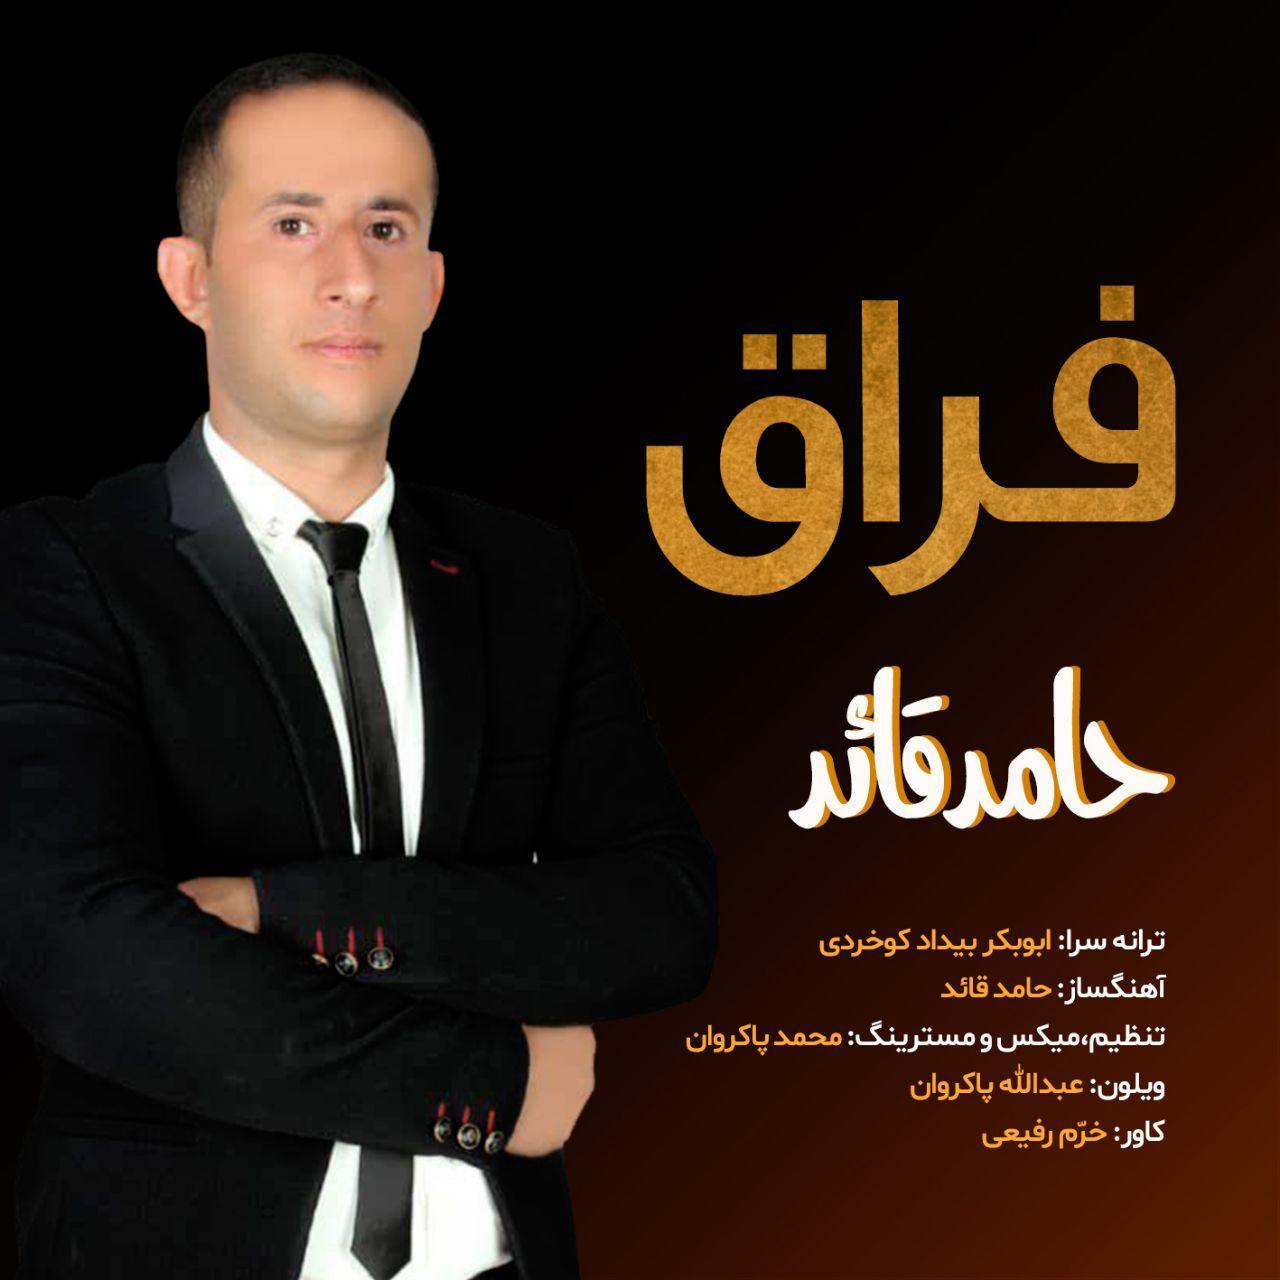 حامد قائد فراق